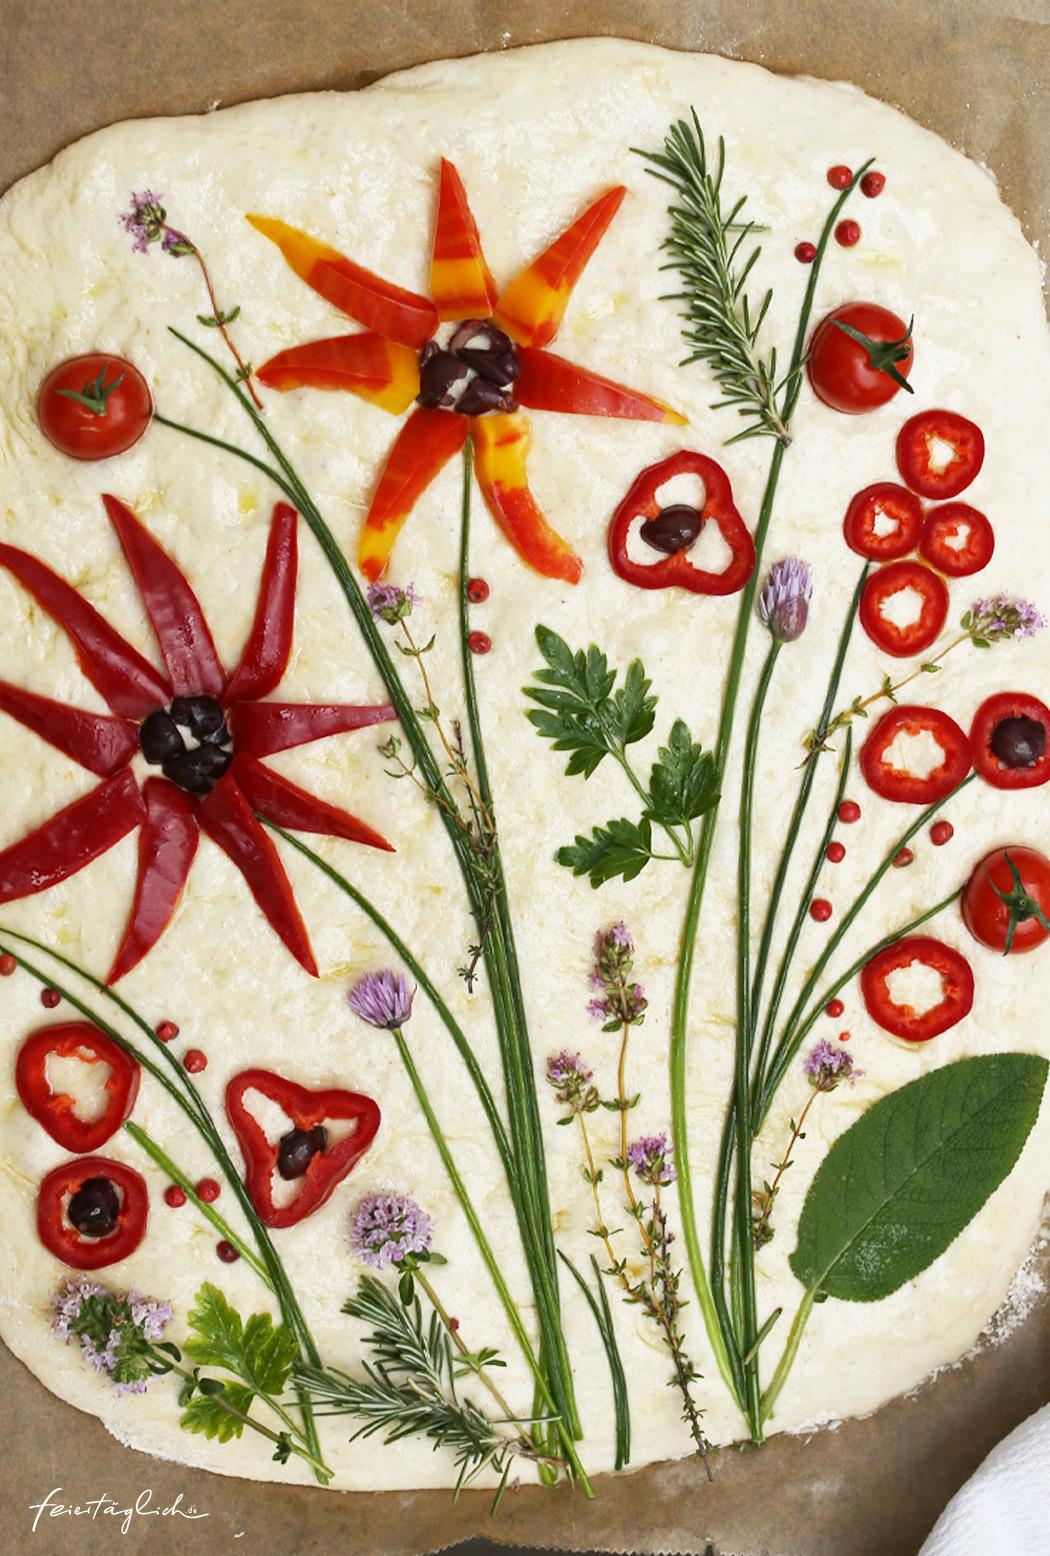 Focaccia mit Blumen, der Foodtrend #focacciagarden – ein Rezept für eine fabelhafte Focaccia mit Sauerteig